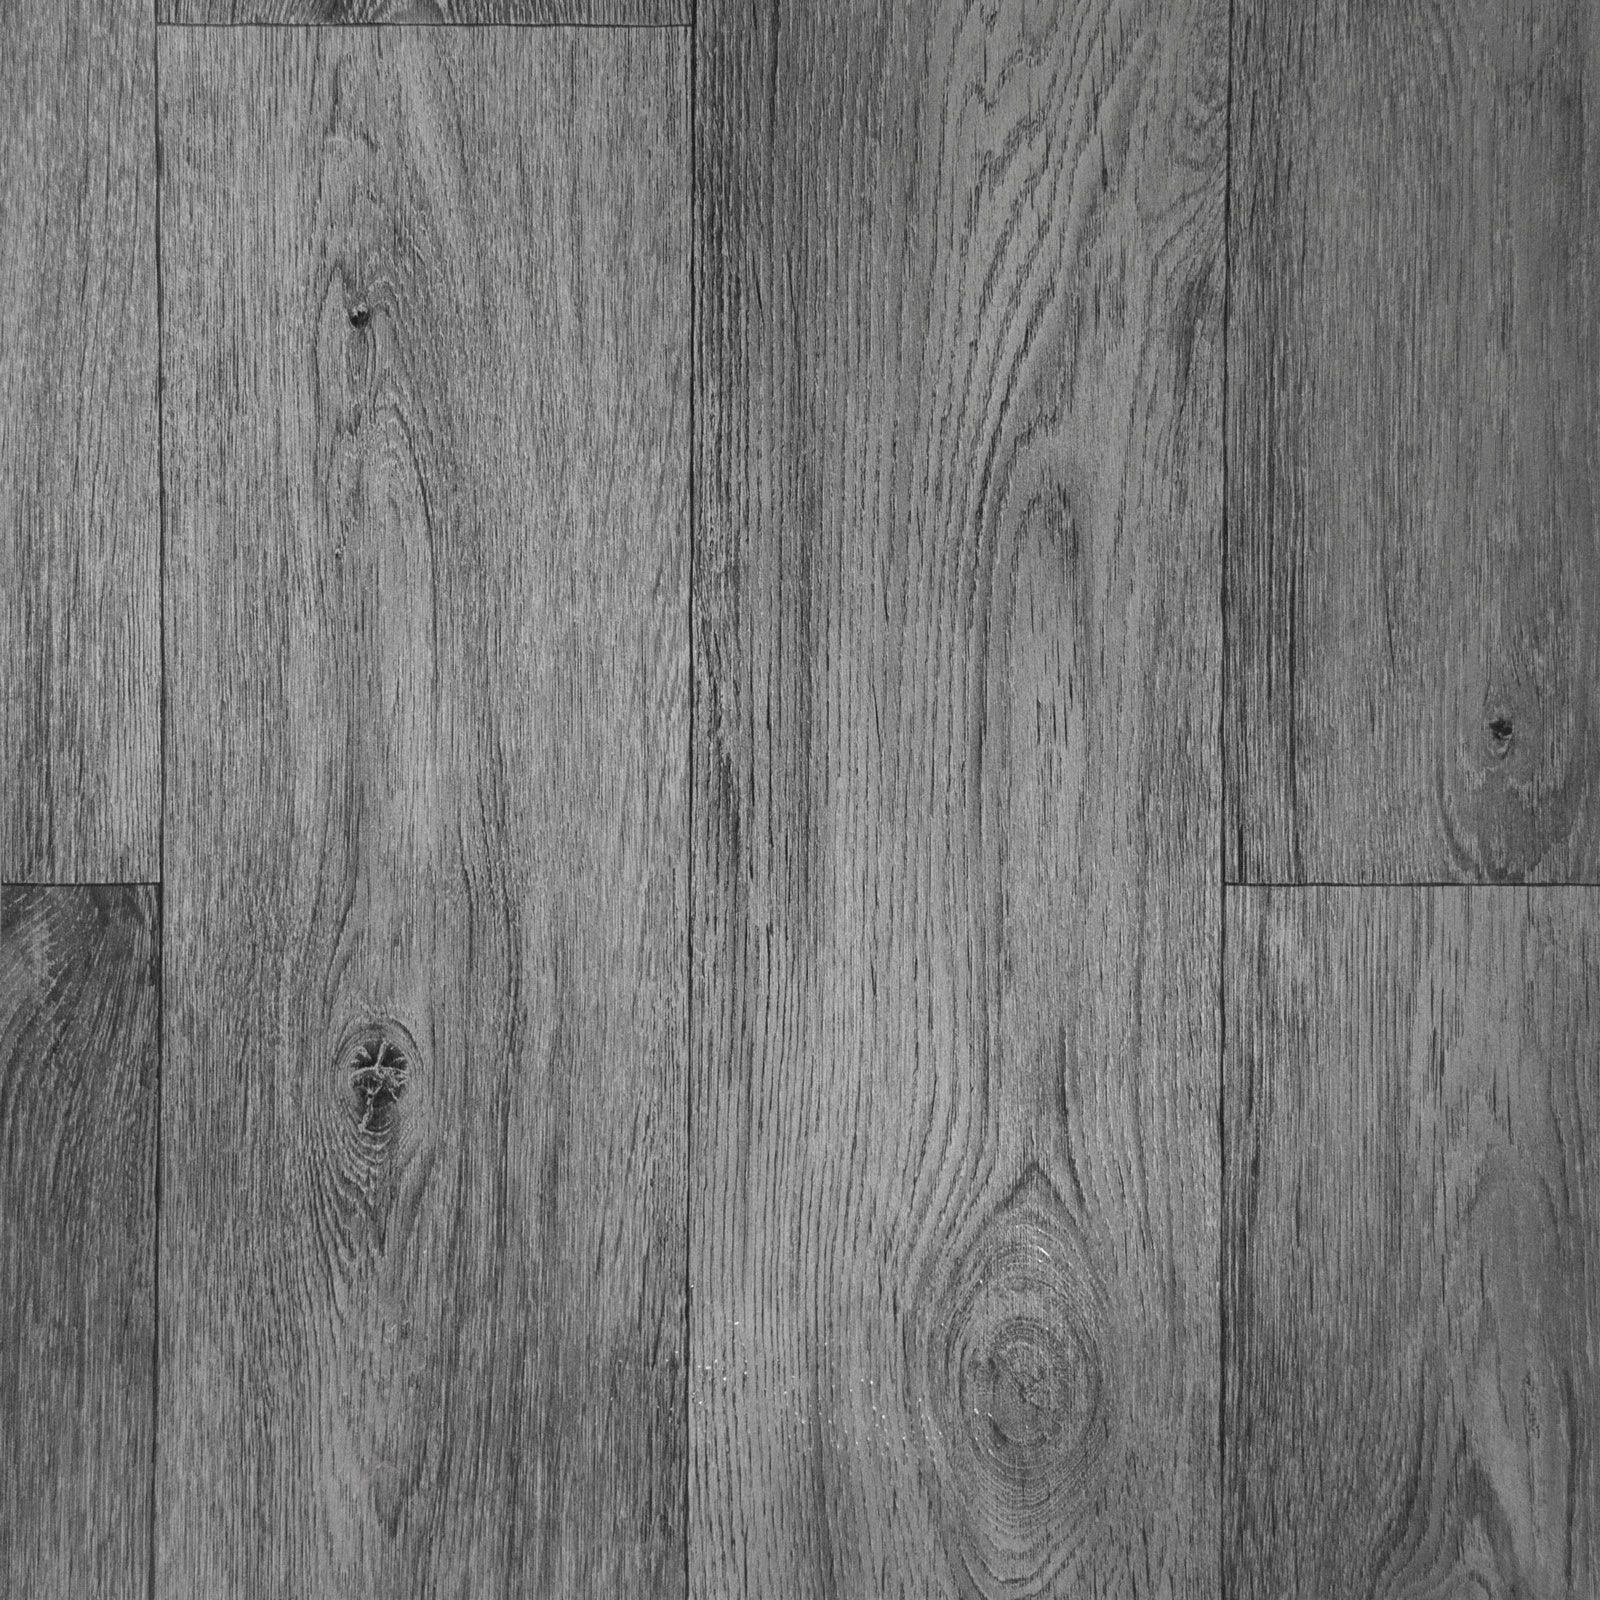 Designer Passion Vinyl Flooring Buy Lino Flooring Online Today Vinyl Flooring Grey Vinyl Flooring Flooring